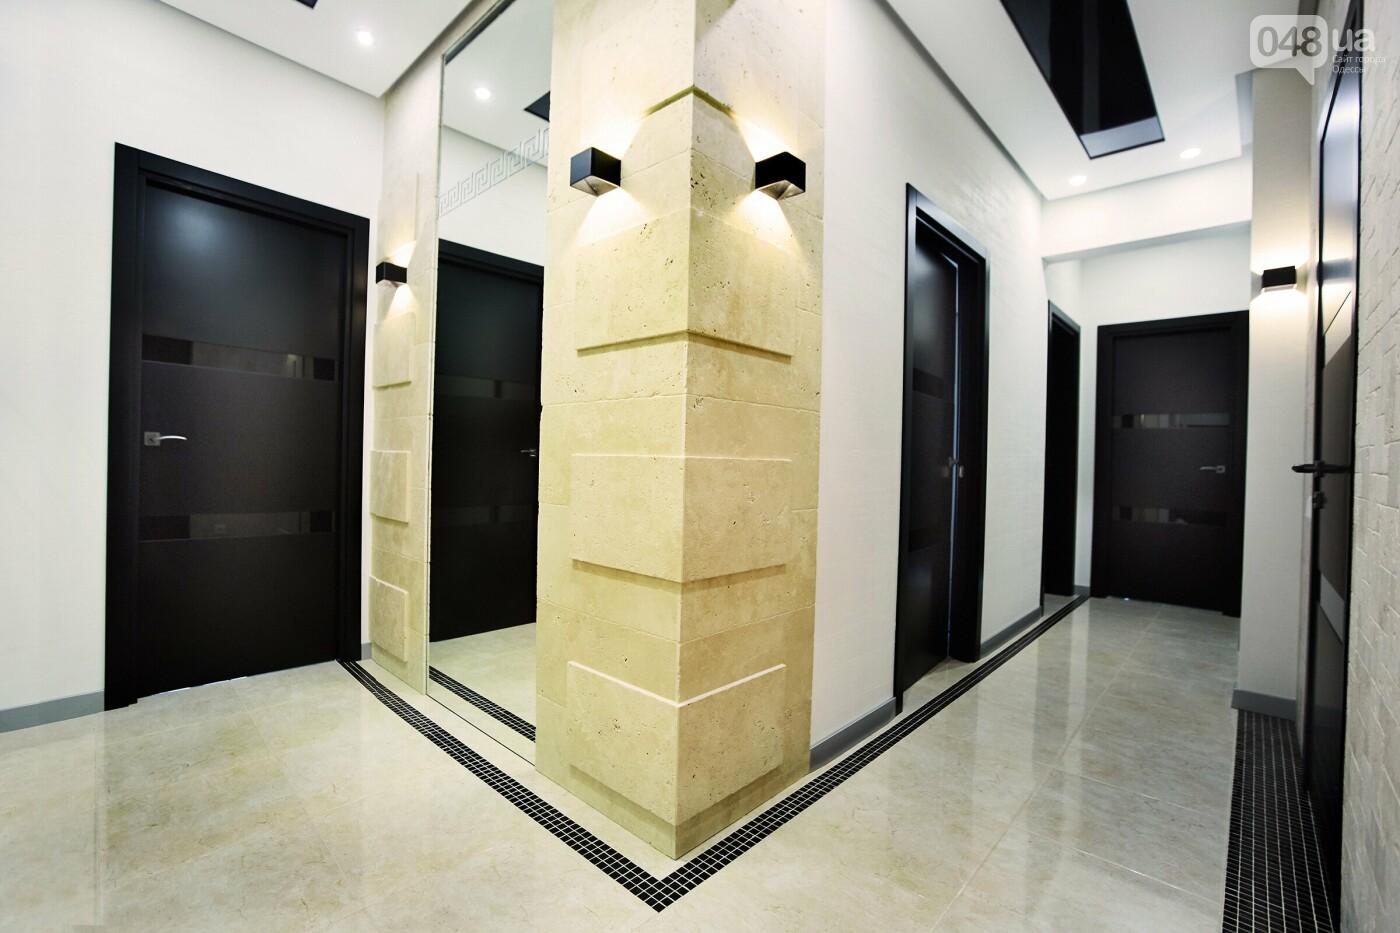 Качественный ремонт квартир в Одессе: быстро, доступно, качественно, фото-2